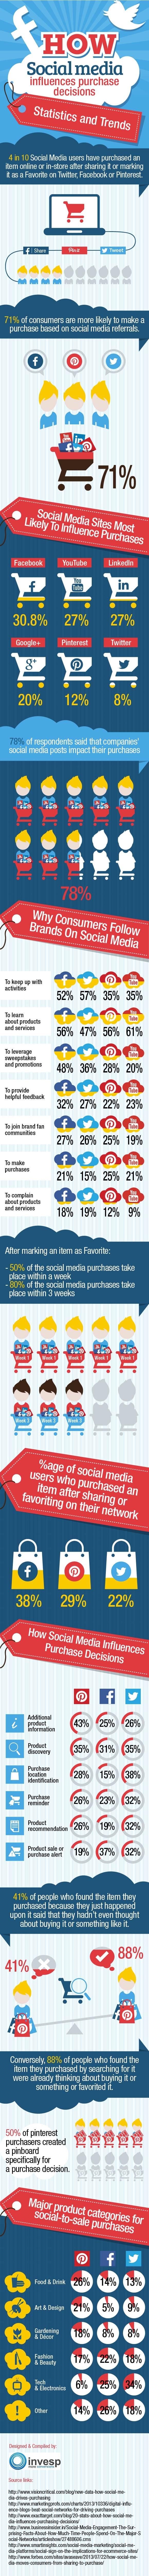 De invloed van social media op online verkopen [infographic]